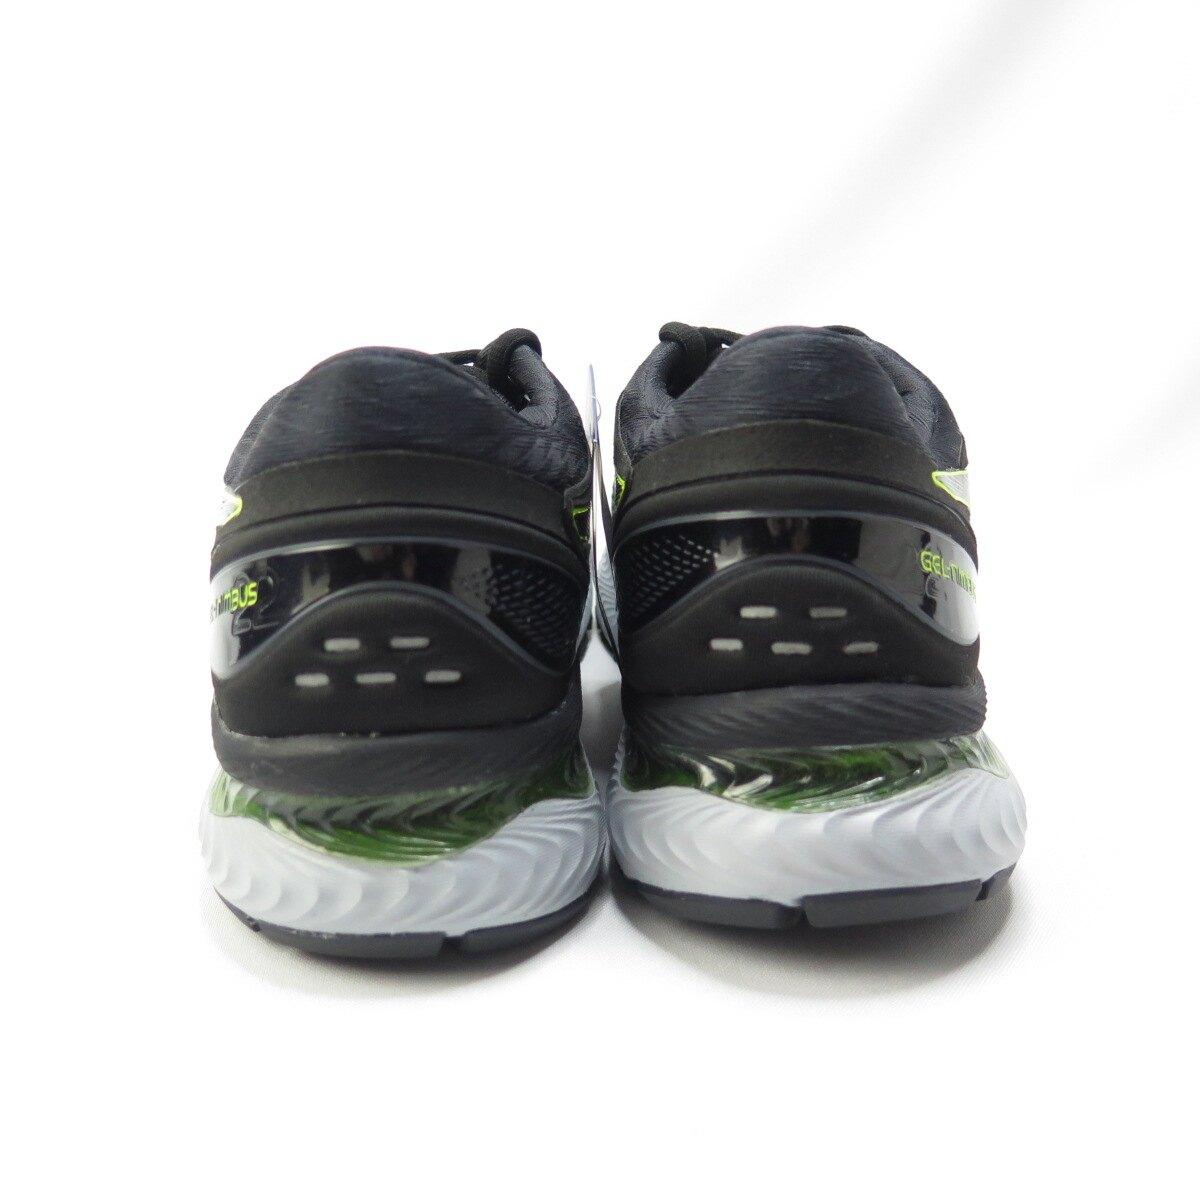 【滿額領券折$150】ASICS GEL-NIMBUS 22代 男款 慢跑鞋 1011A680026 黑螢光綠【iSport愛運動】